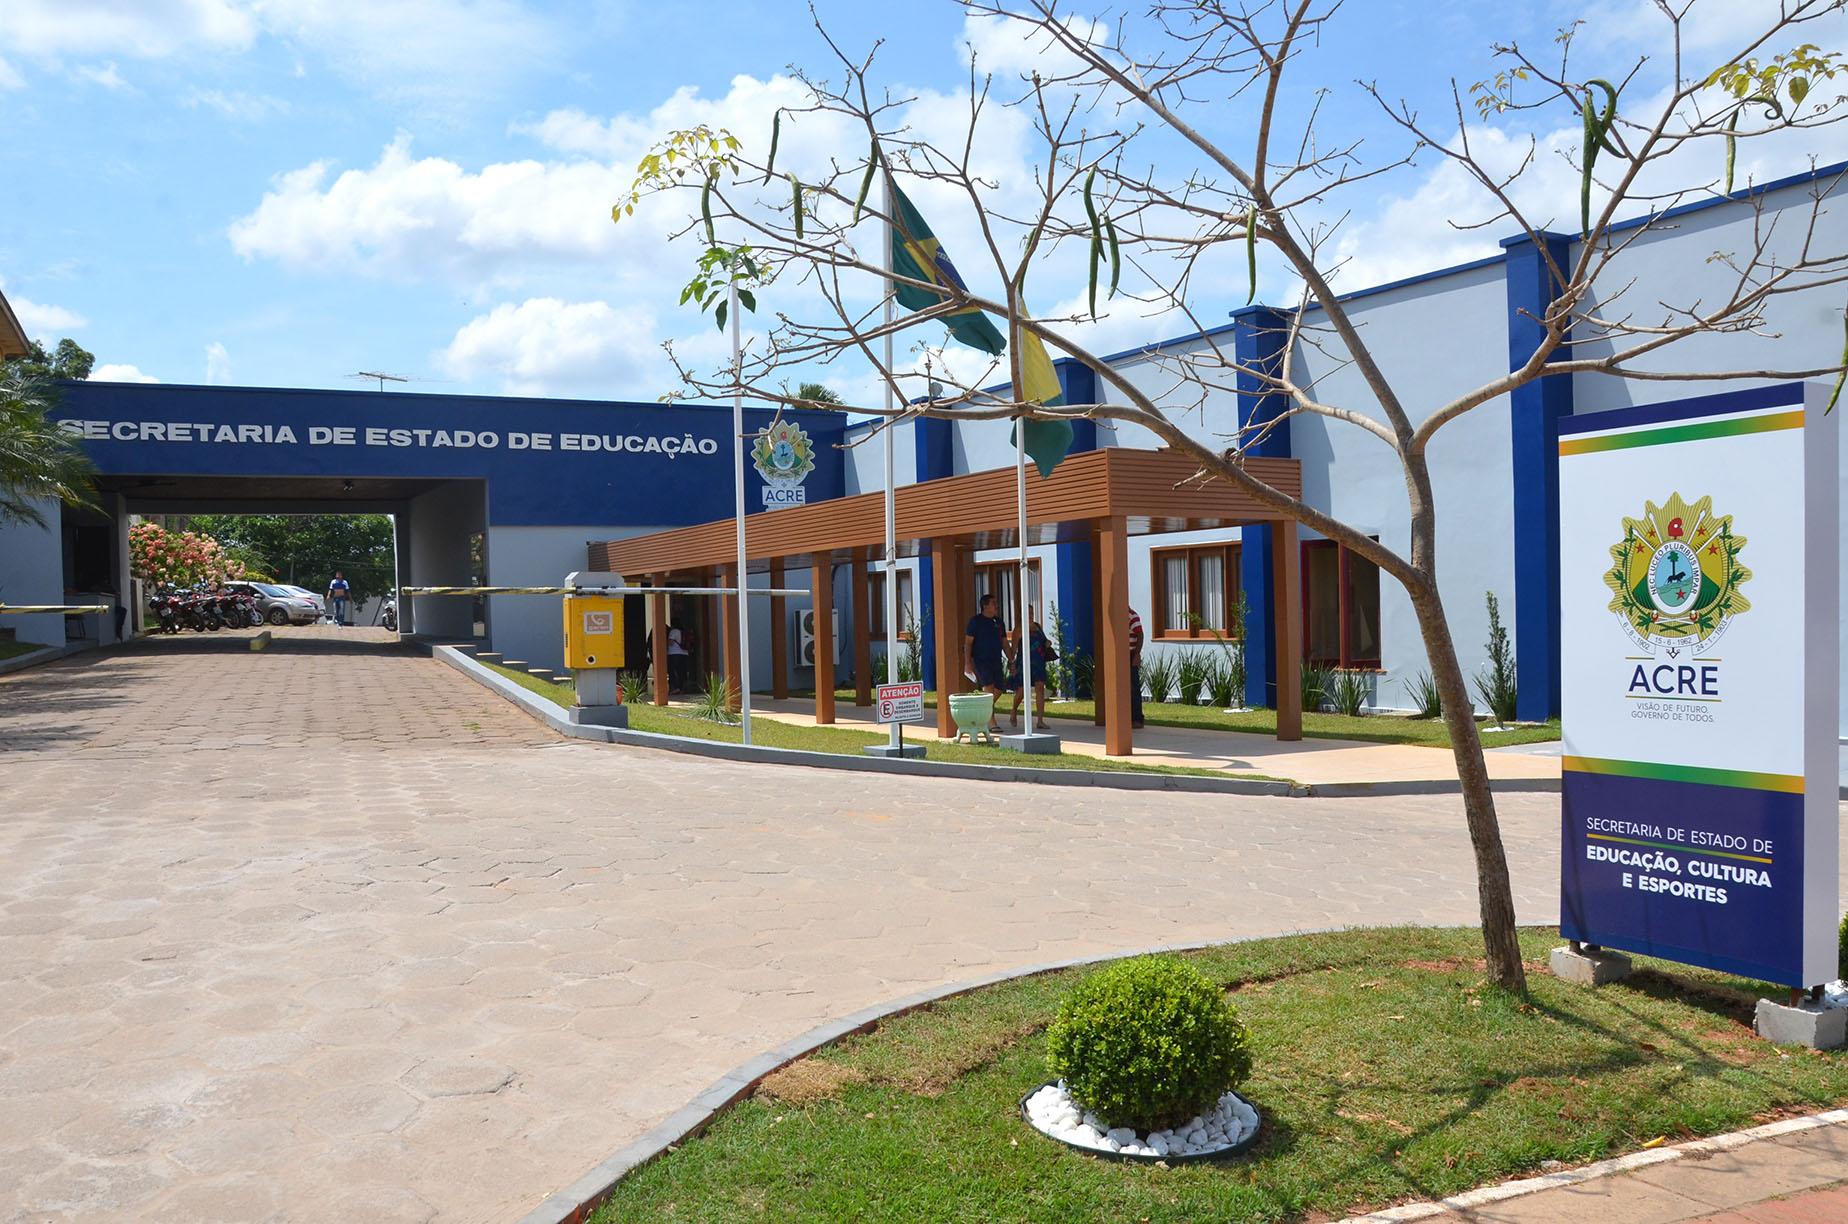 Educação do Acre começa a implementar modelo de escolas vocacionadas